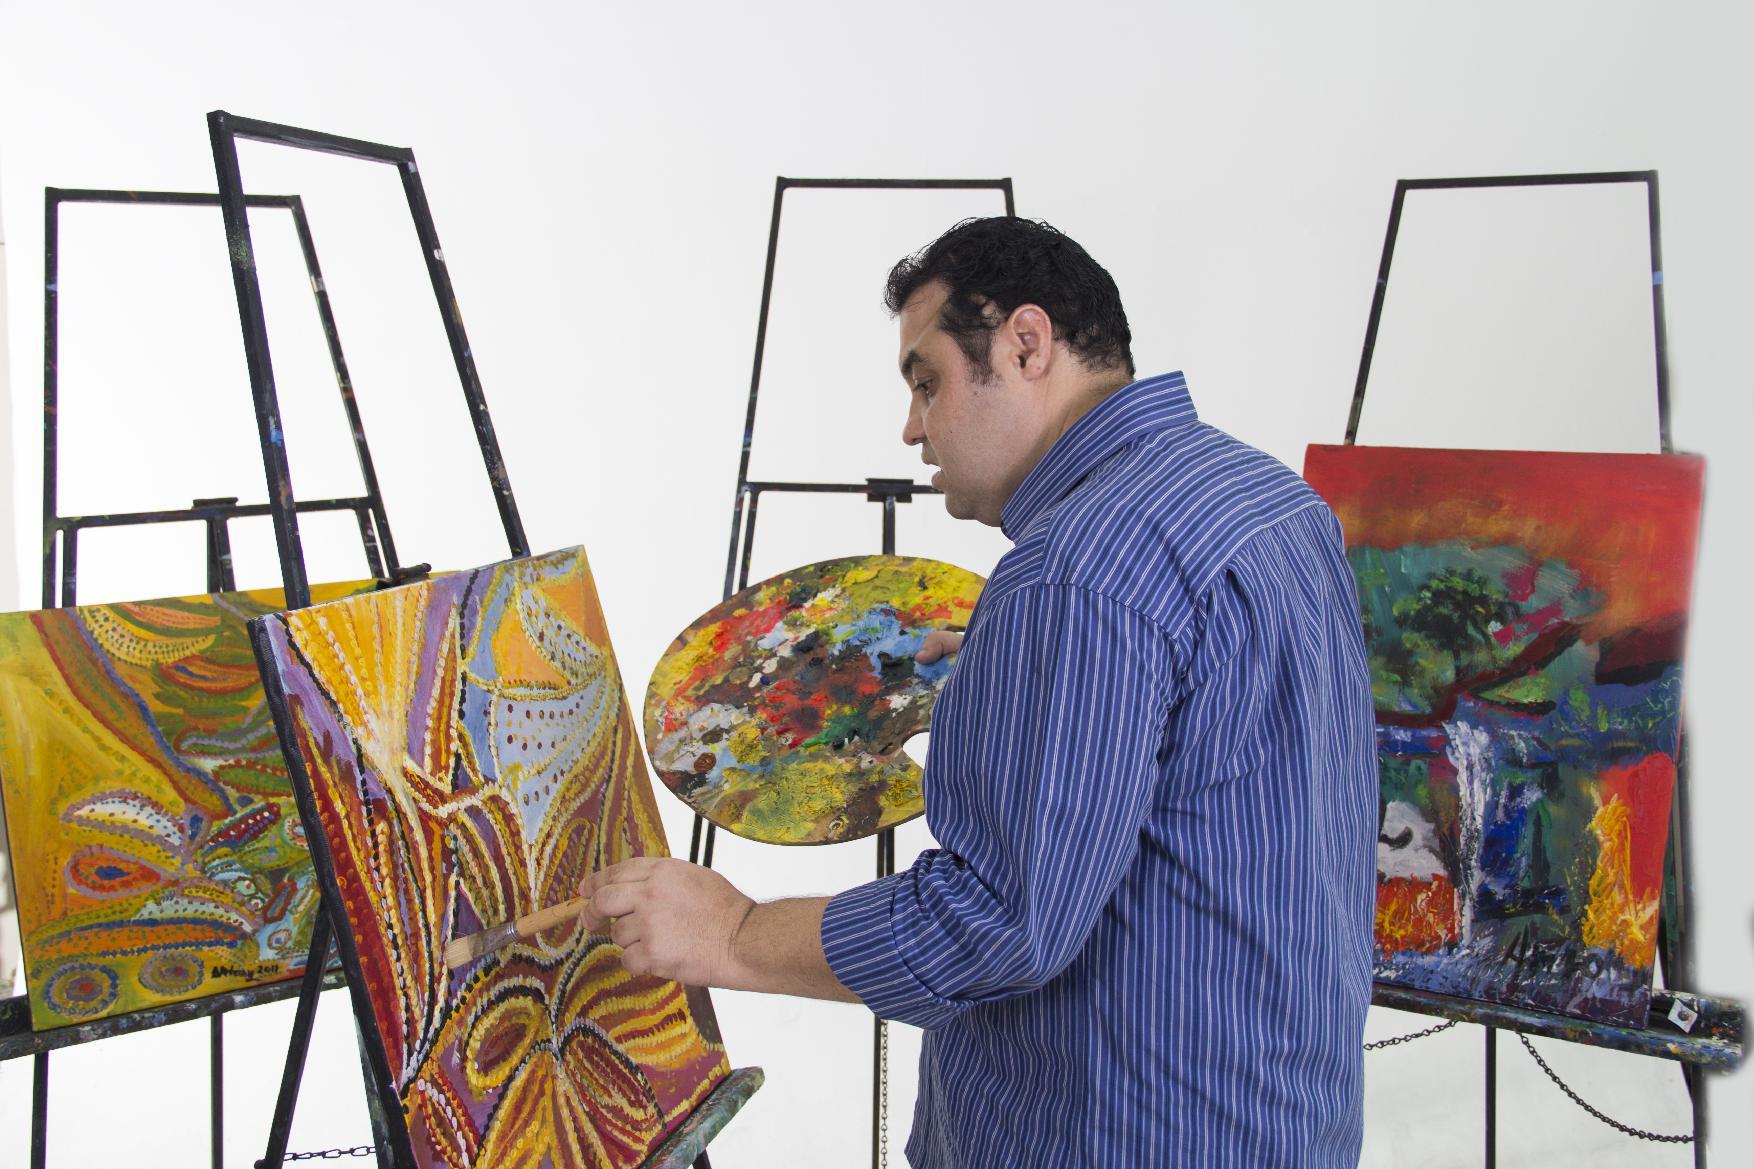 Exposici n universidad del arte ganexa for Universidad de arte